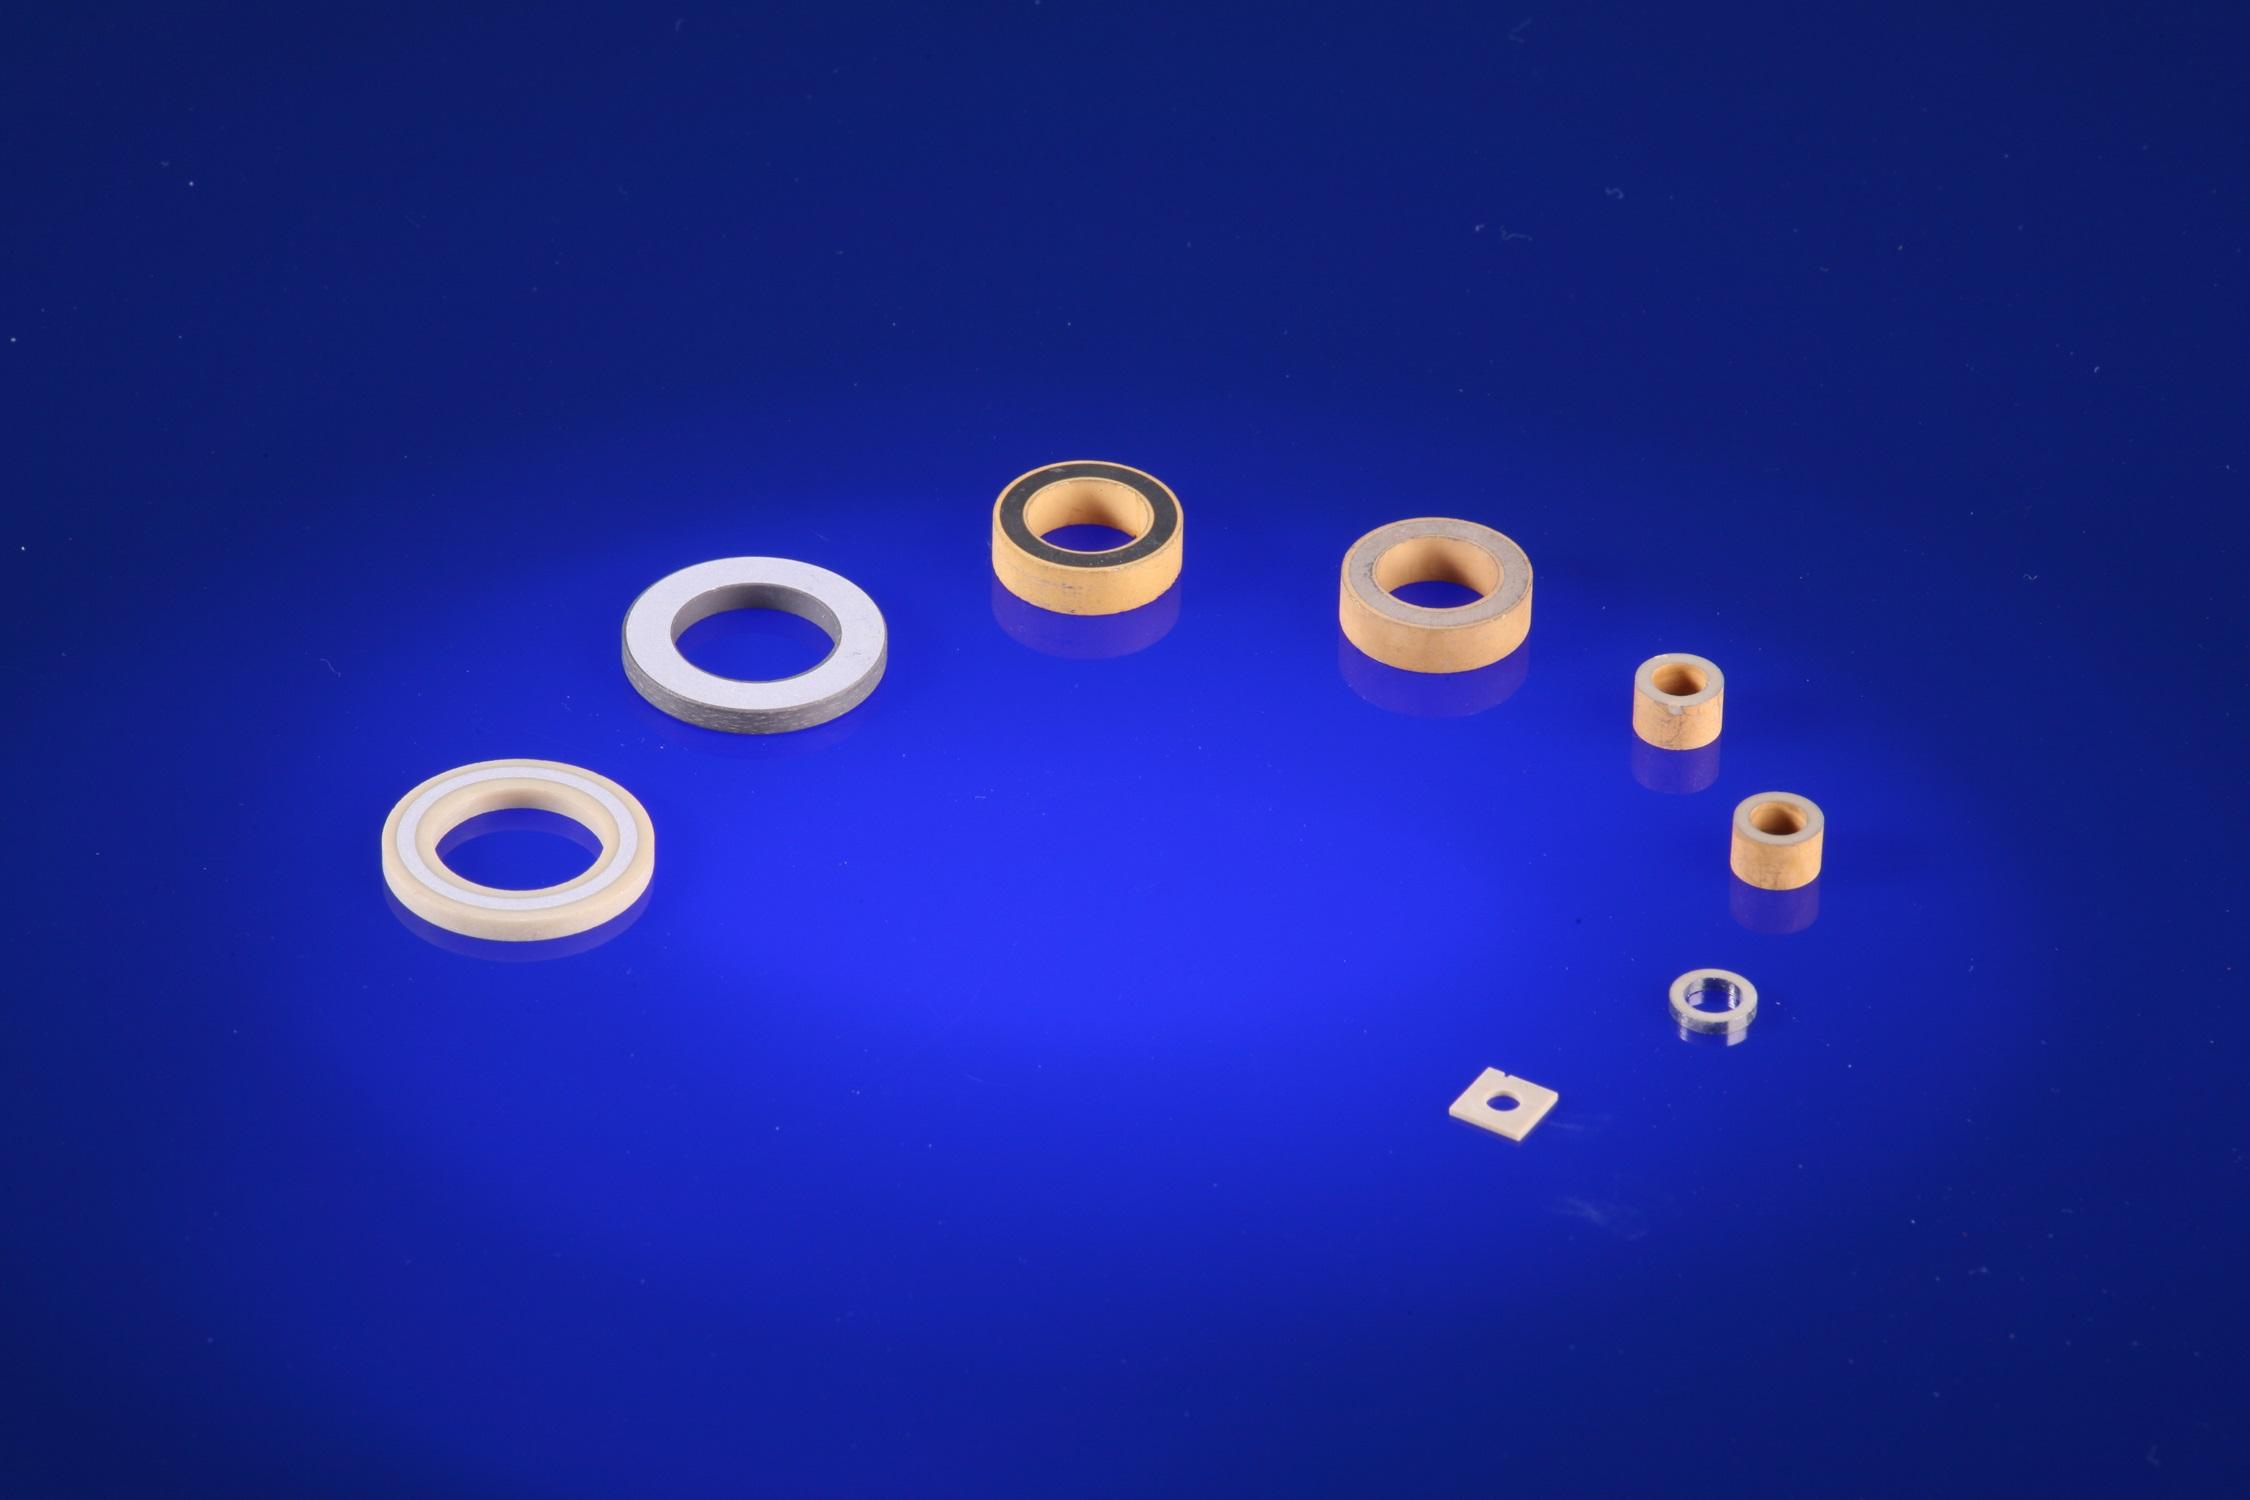 Ring laser gyro